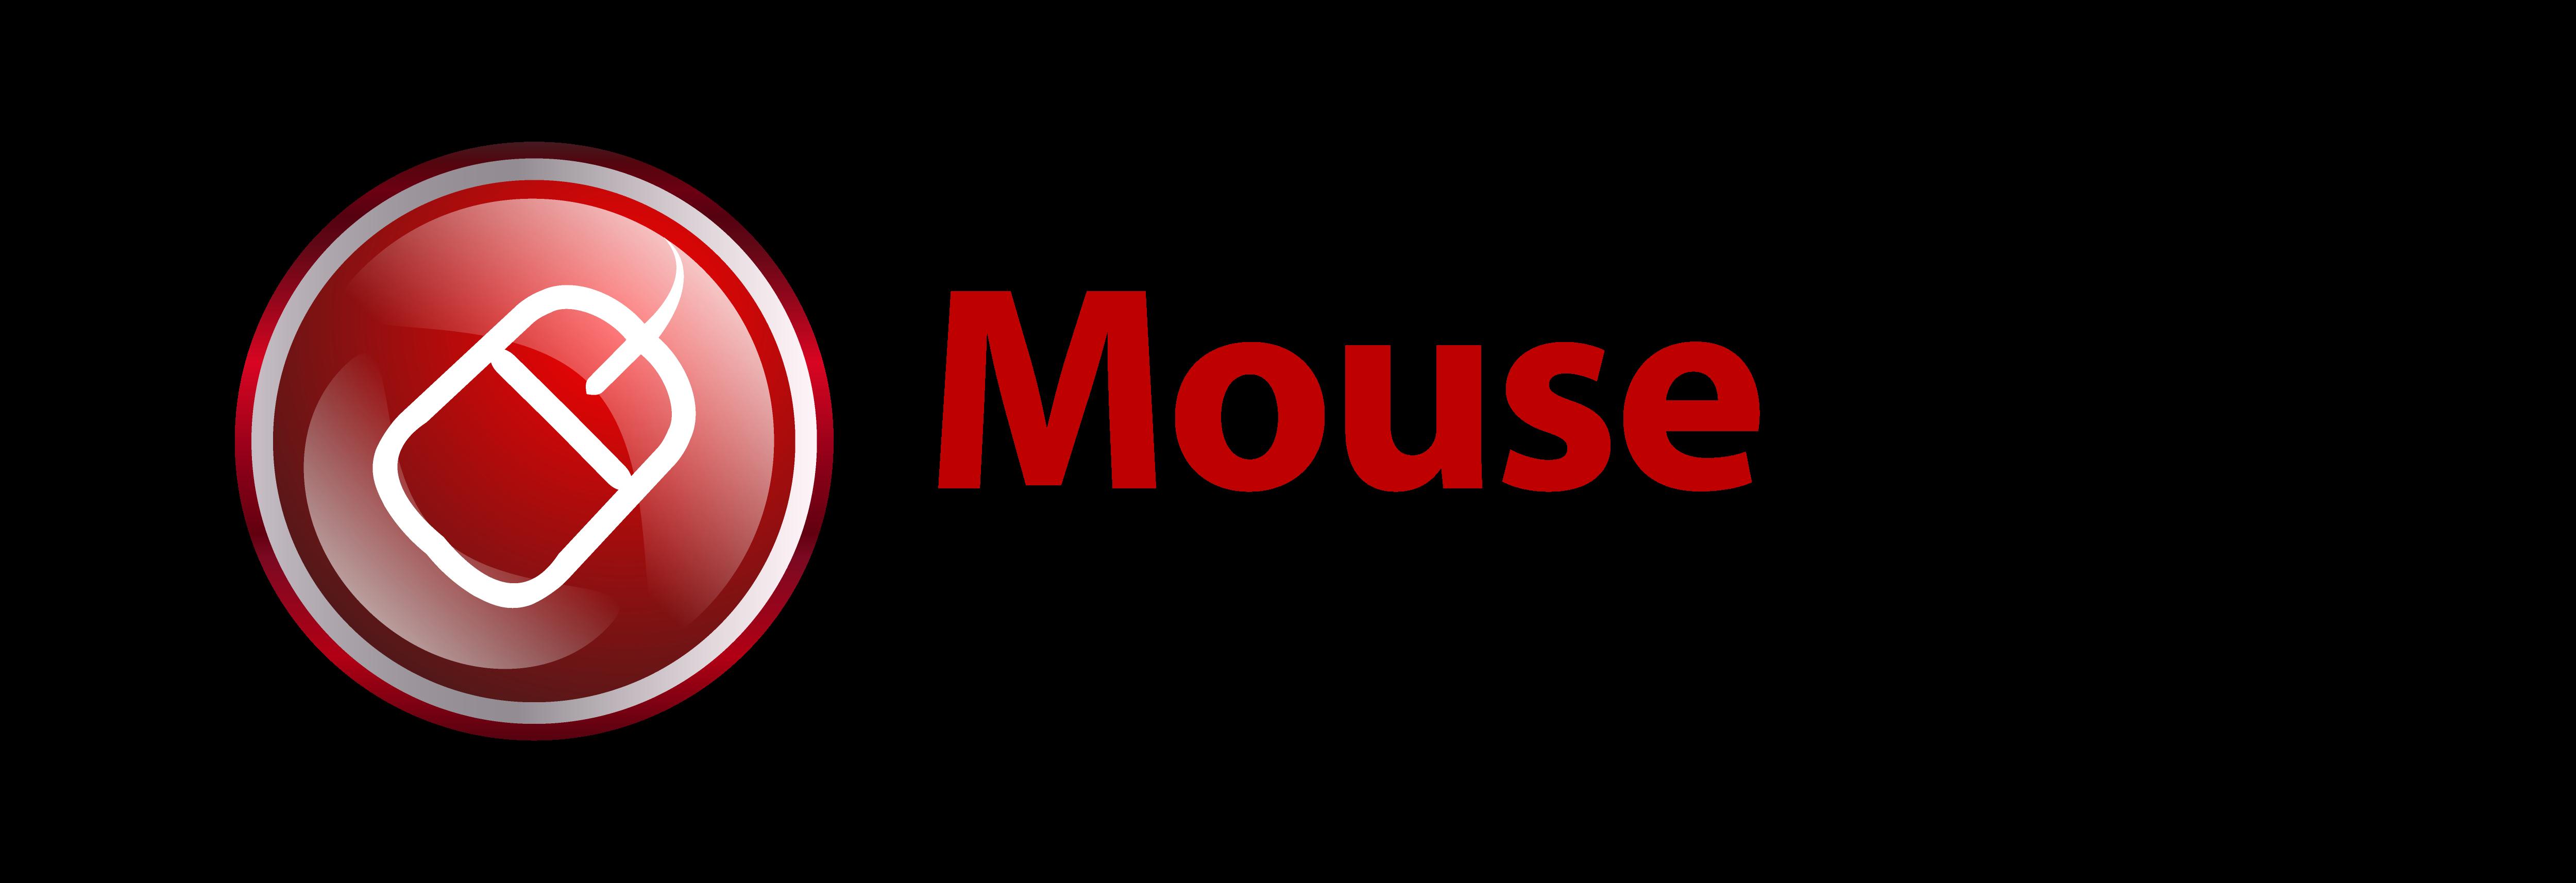 Mouse_Color